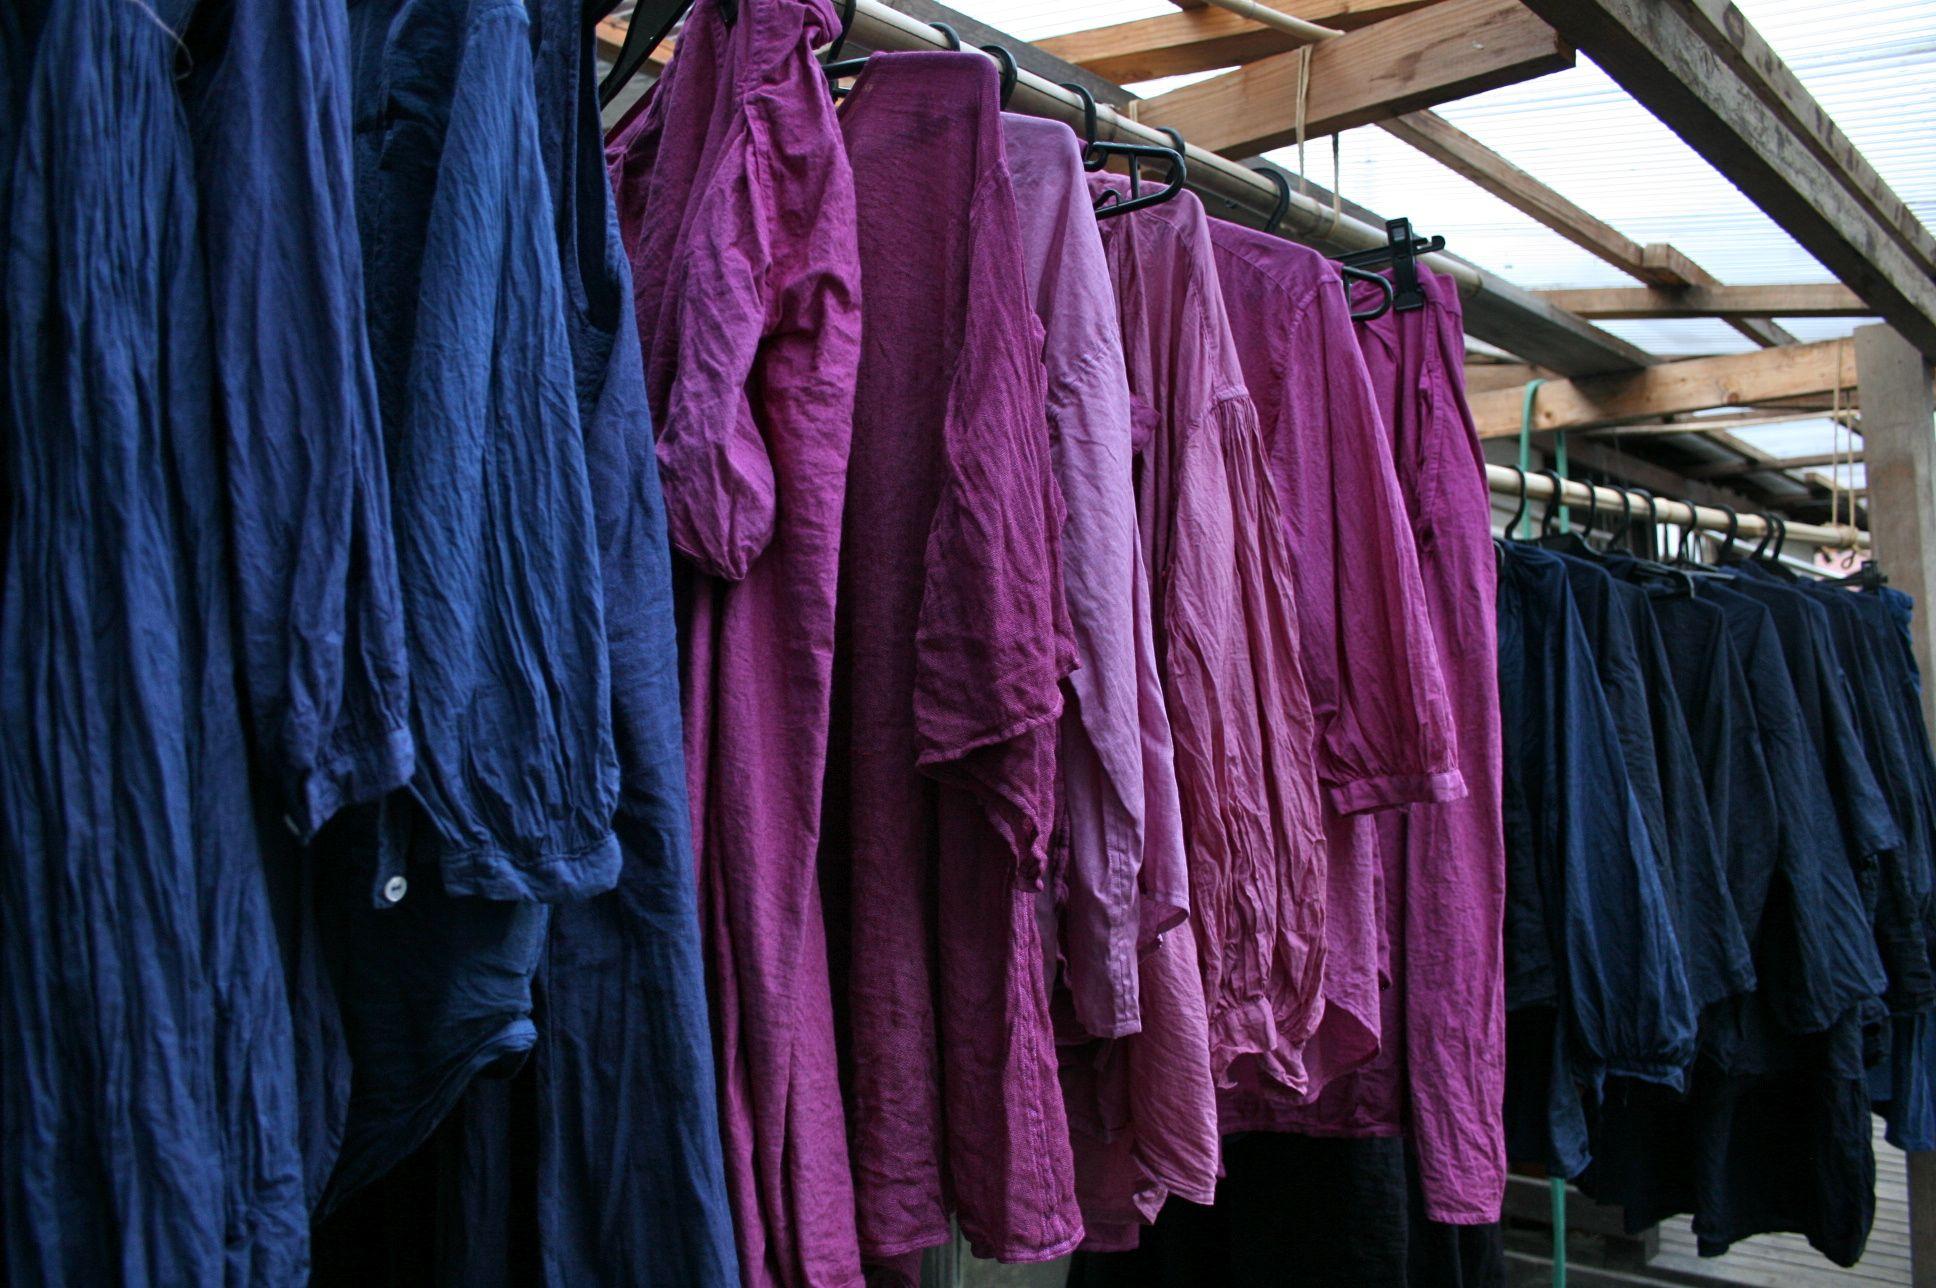 草木染め 琉球藍 藍 染め コチニール ピンク natural dye cochinel pink indigo